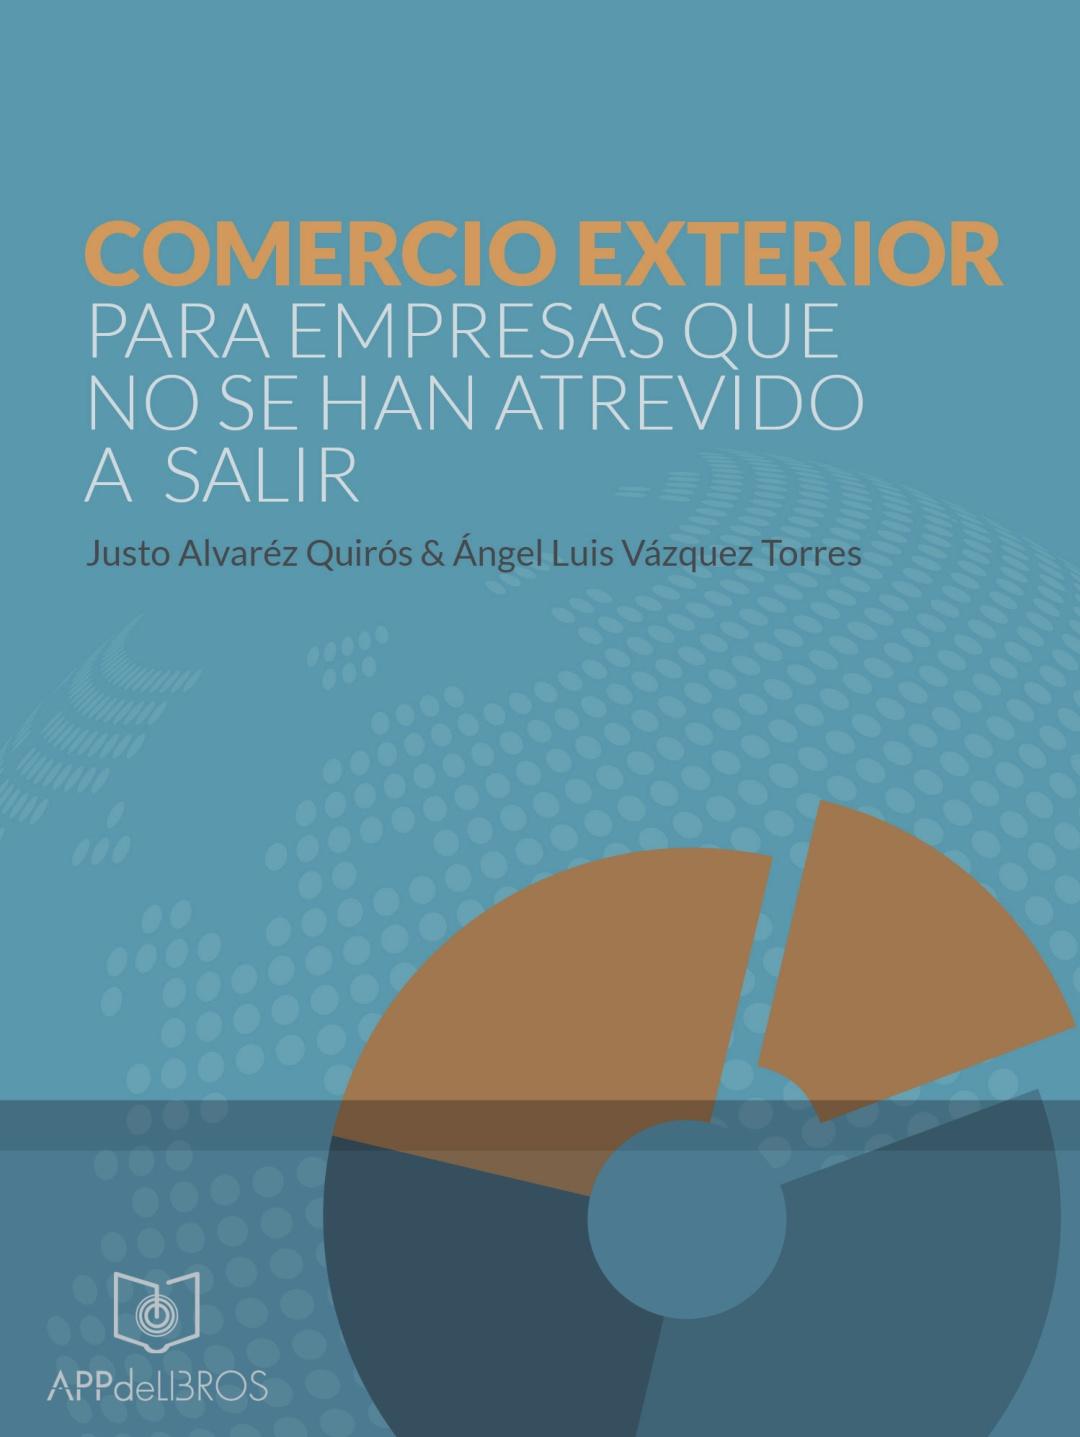 Comercio exterior para empresas que no se han atrevido a for Comercio exterior que es